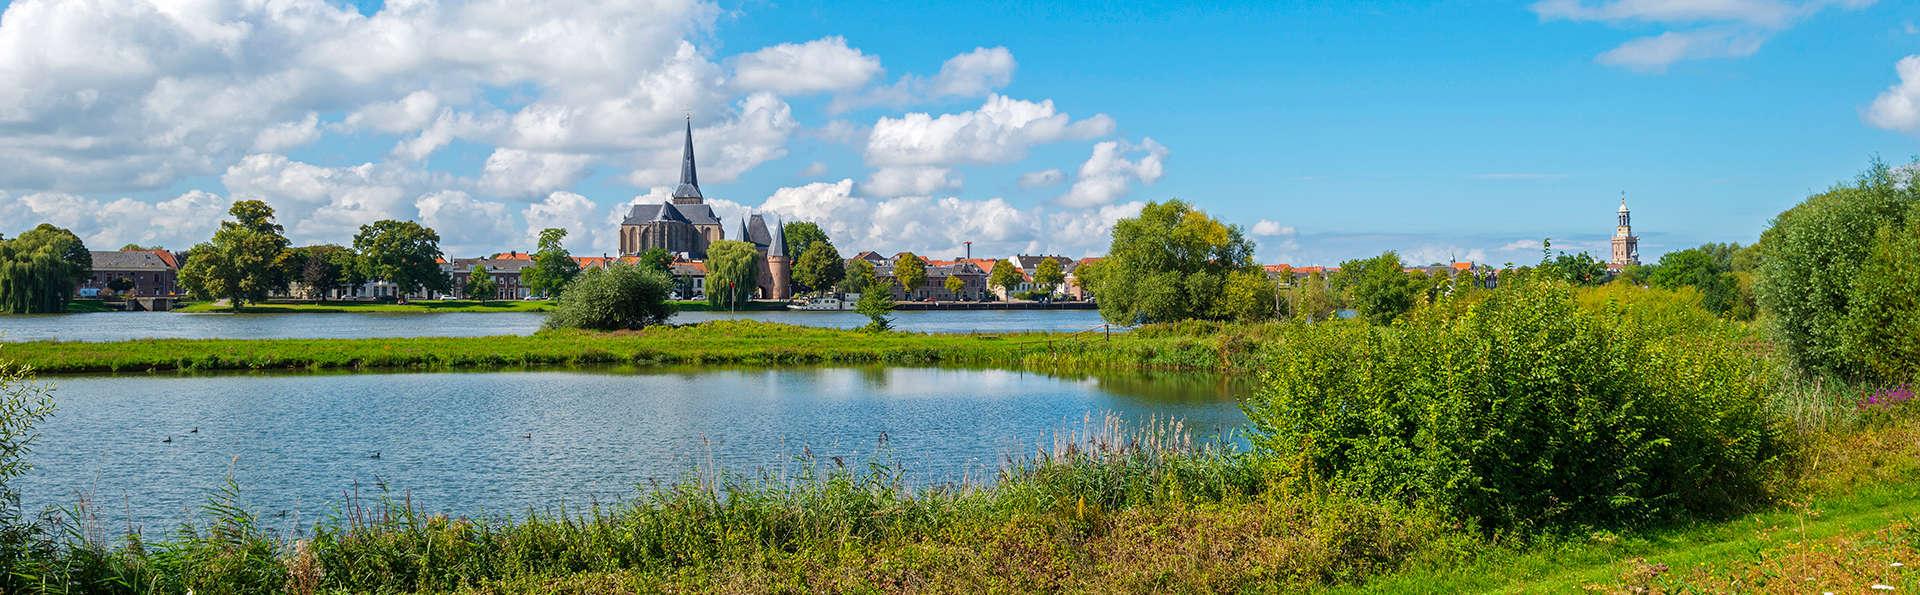 3 nuits pour le prix de 2 dans le cadre enchanteur et relax d'Overijssel (à partir de 3 nuits)